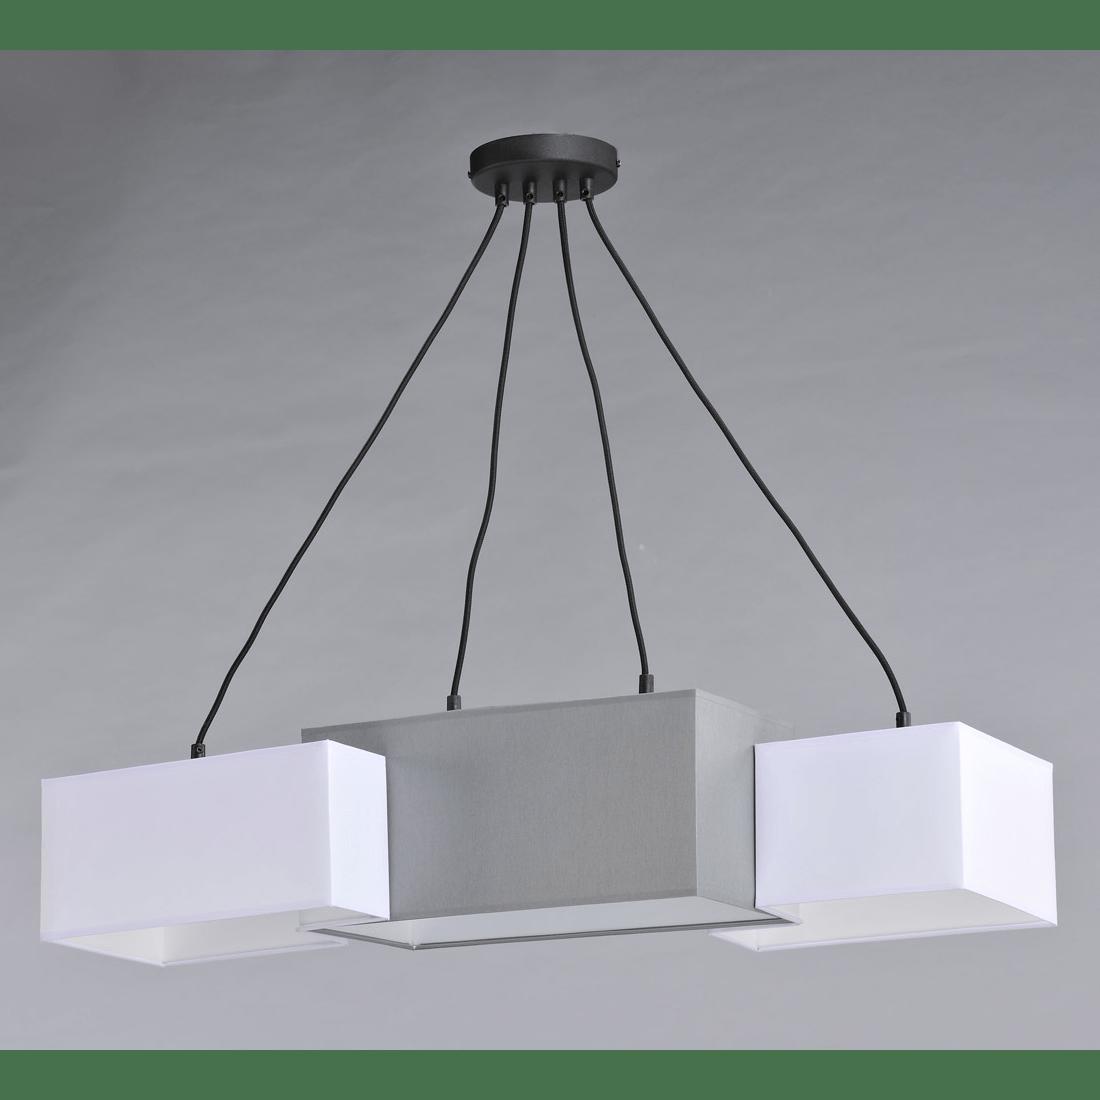 Lampa suspendată TETRIS nr. 3736